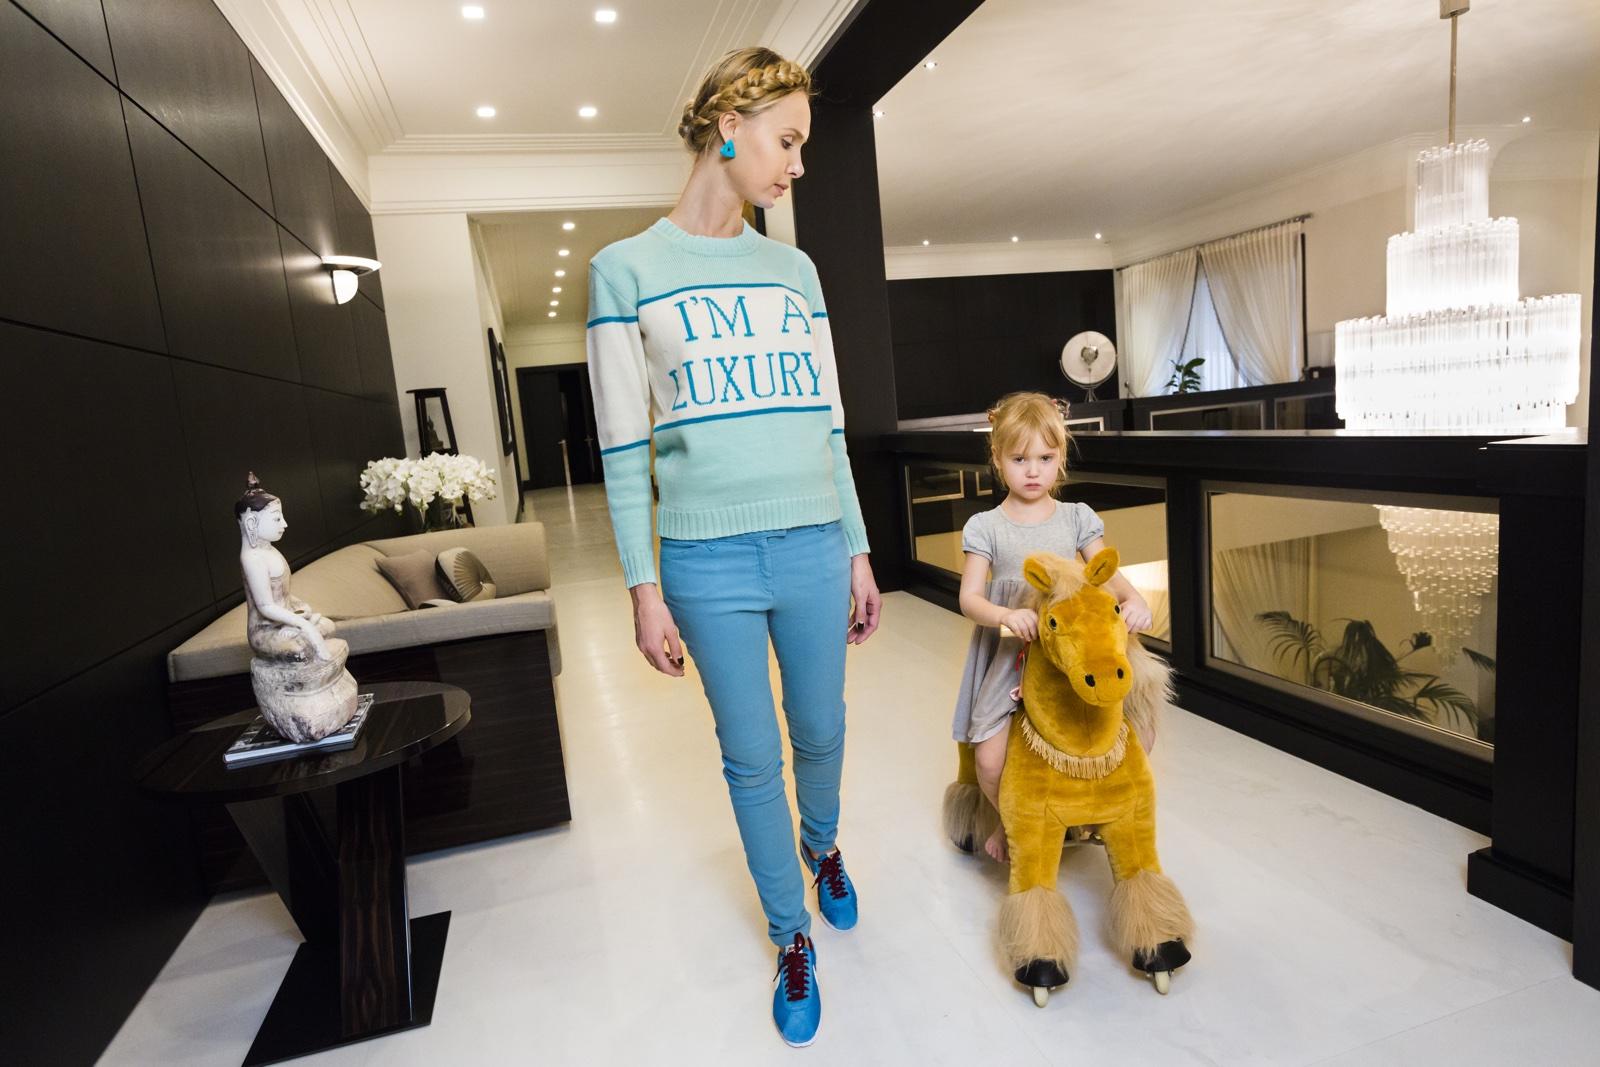 foto: © Lauren Greenfield/Fotomuseum Den Haag - Ilona thuis met haar dochter Michelle (4), Moskou 2012